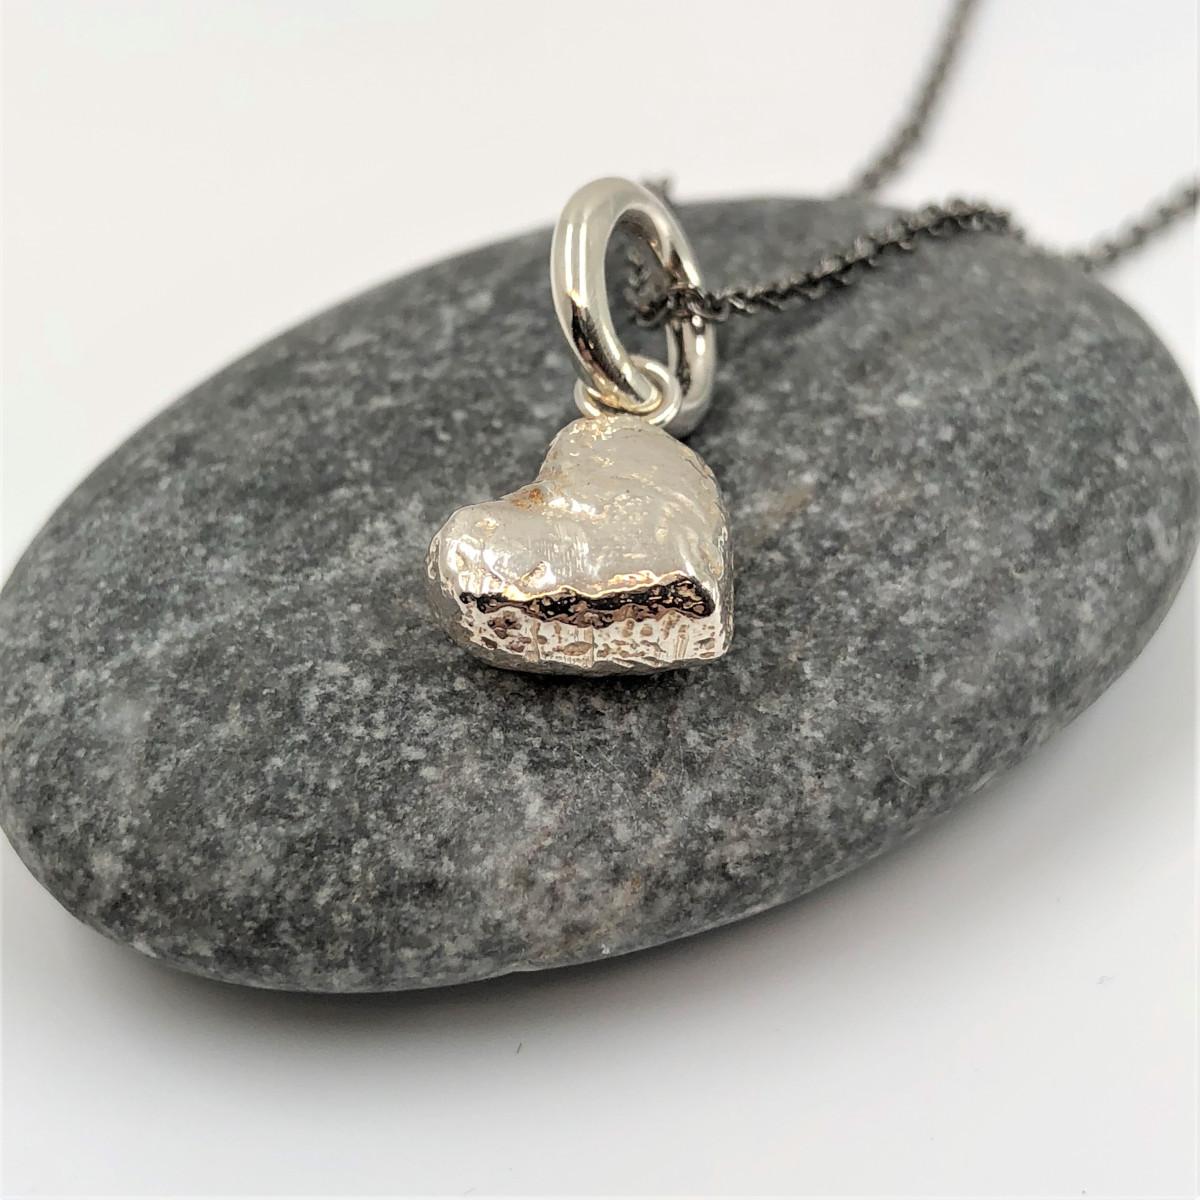 Silverhjärta, silverhänge, hängsmycke